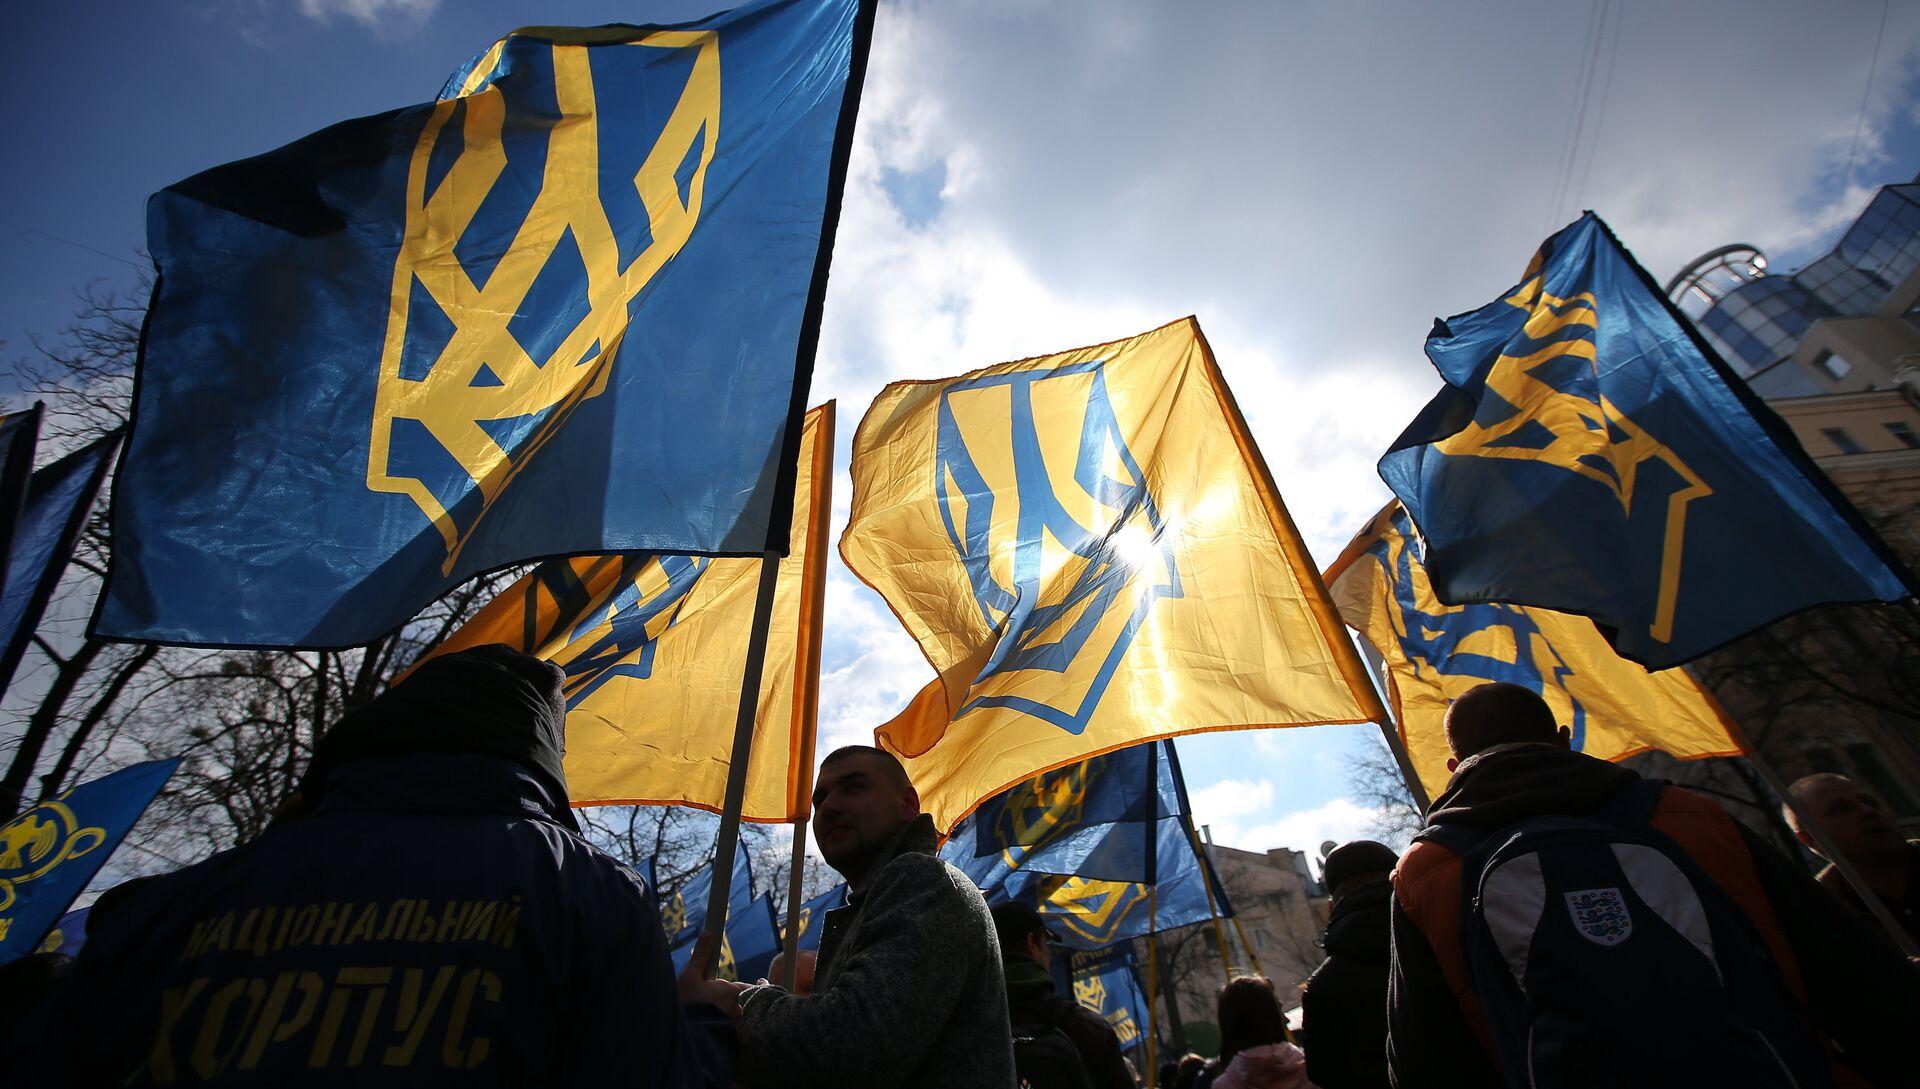 Акция протеста  в Киеве против олигархов - РИА Новости, 1920, 18.05.2021